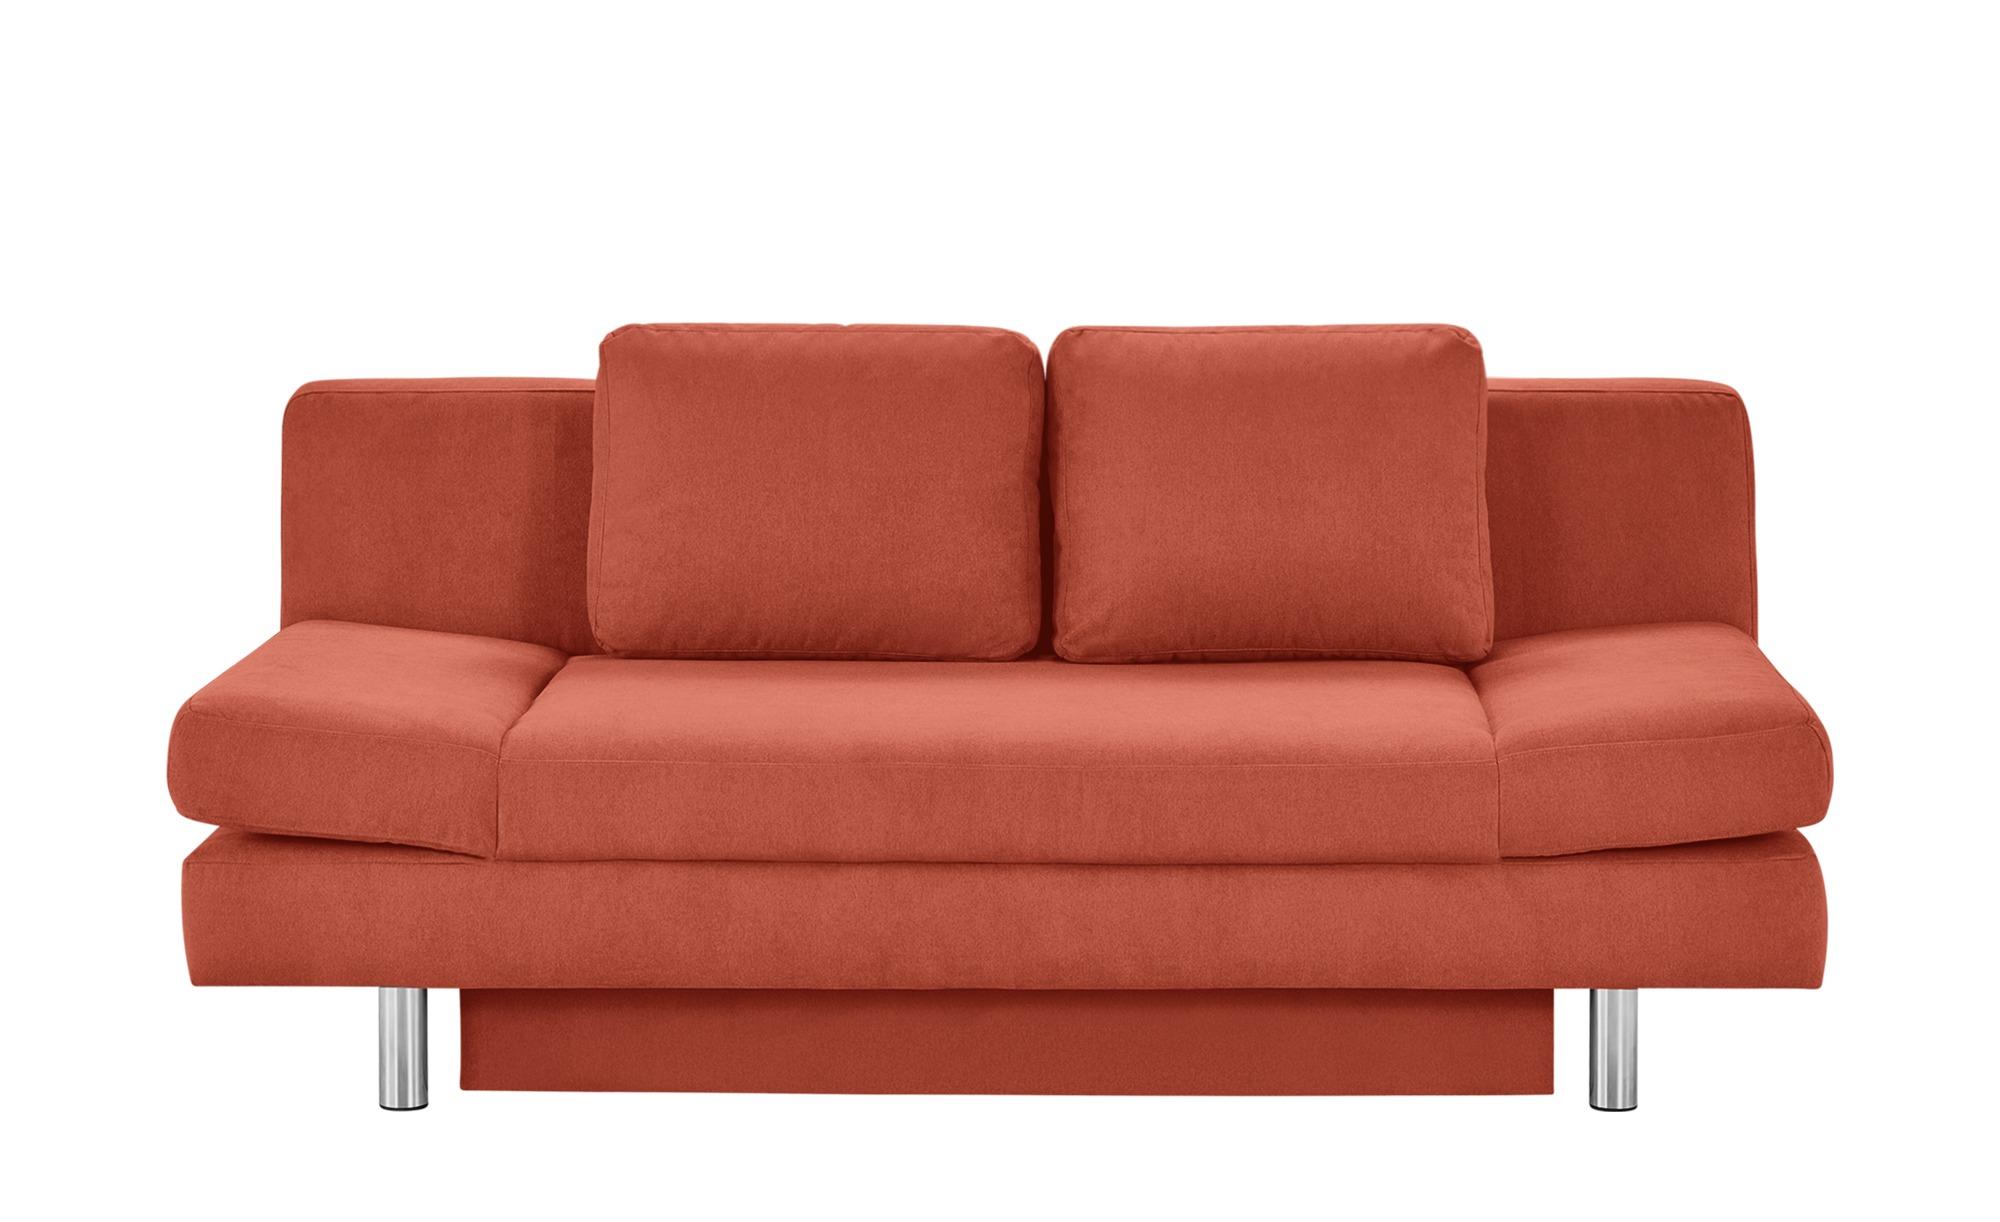 smart Schlafsofa orange - Webstoff Nina ¦ orange ¦ Maße (cm): B: 205 H: 90 T: 95 Polstermöbel > Sofas > 2-Sitzer - Höffner